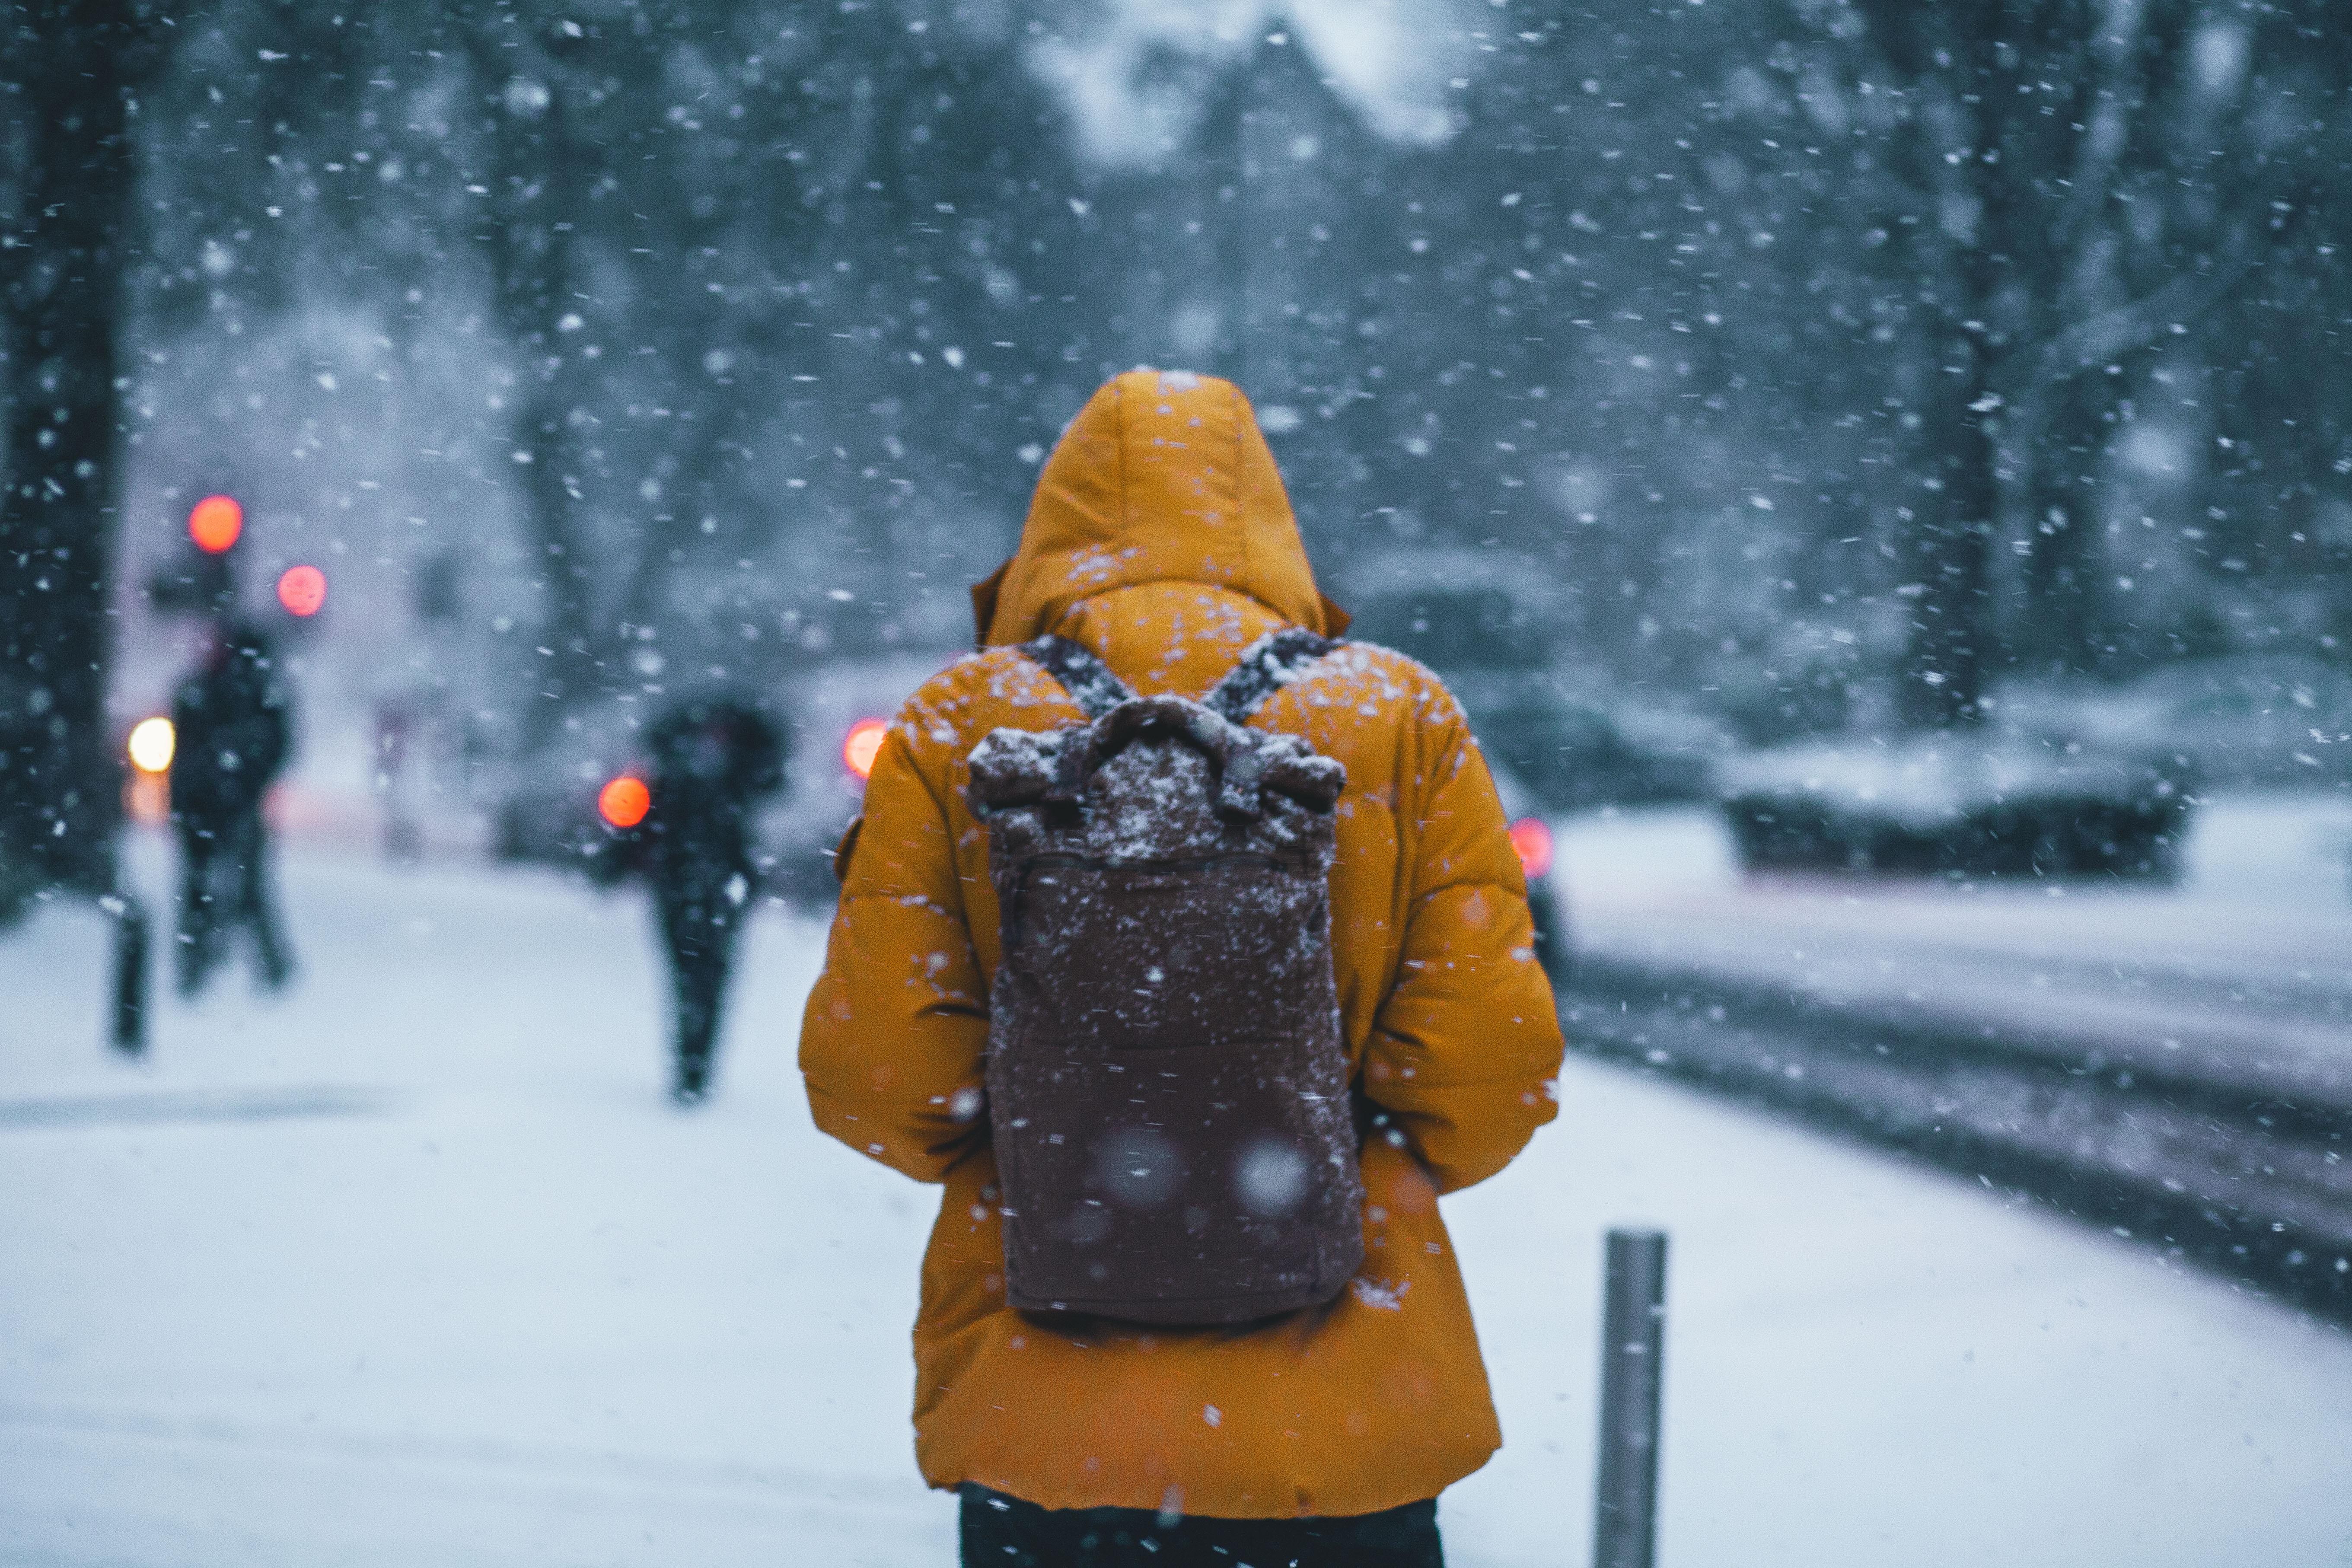 शरद ऋतु -बदलती ऋतु के साथ स्वास्थय सम्बन्धी प्रबंधन